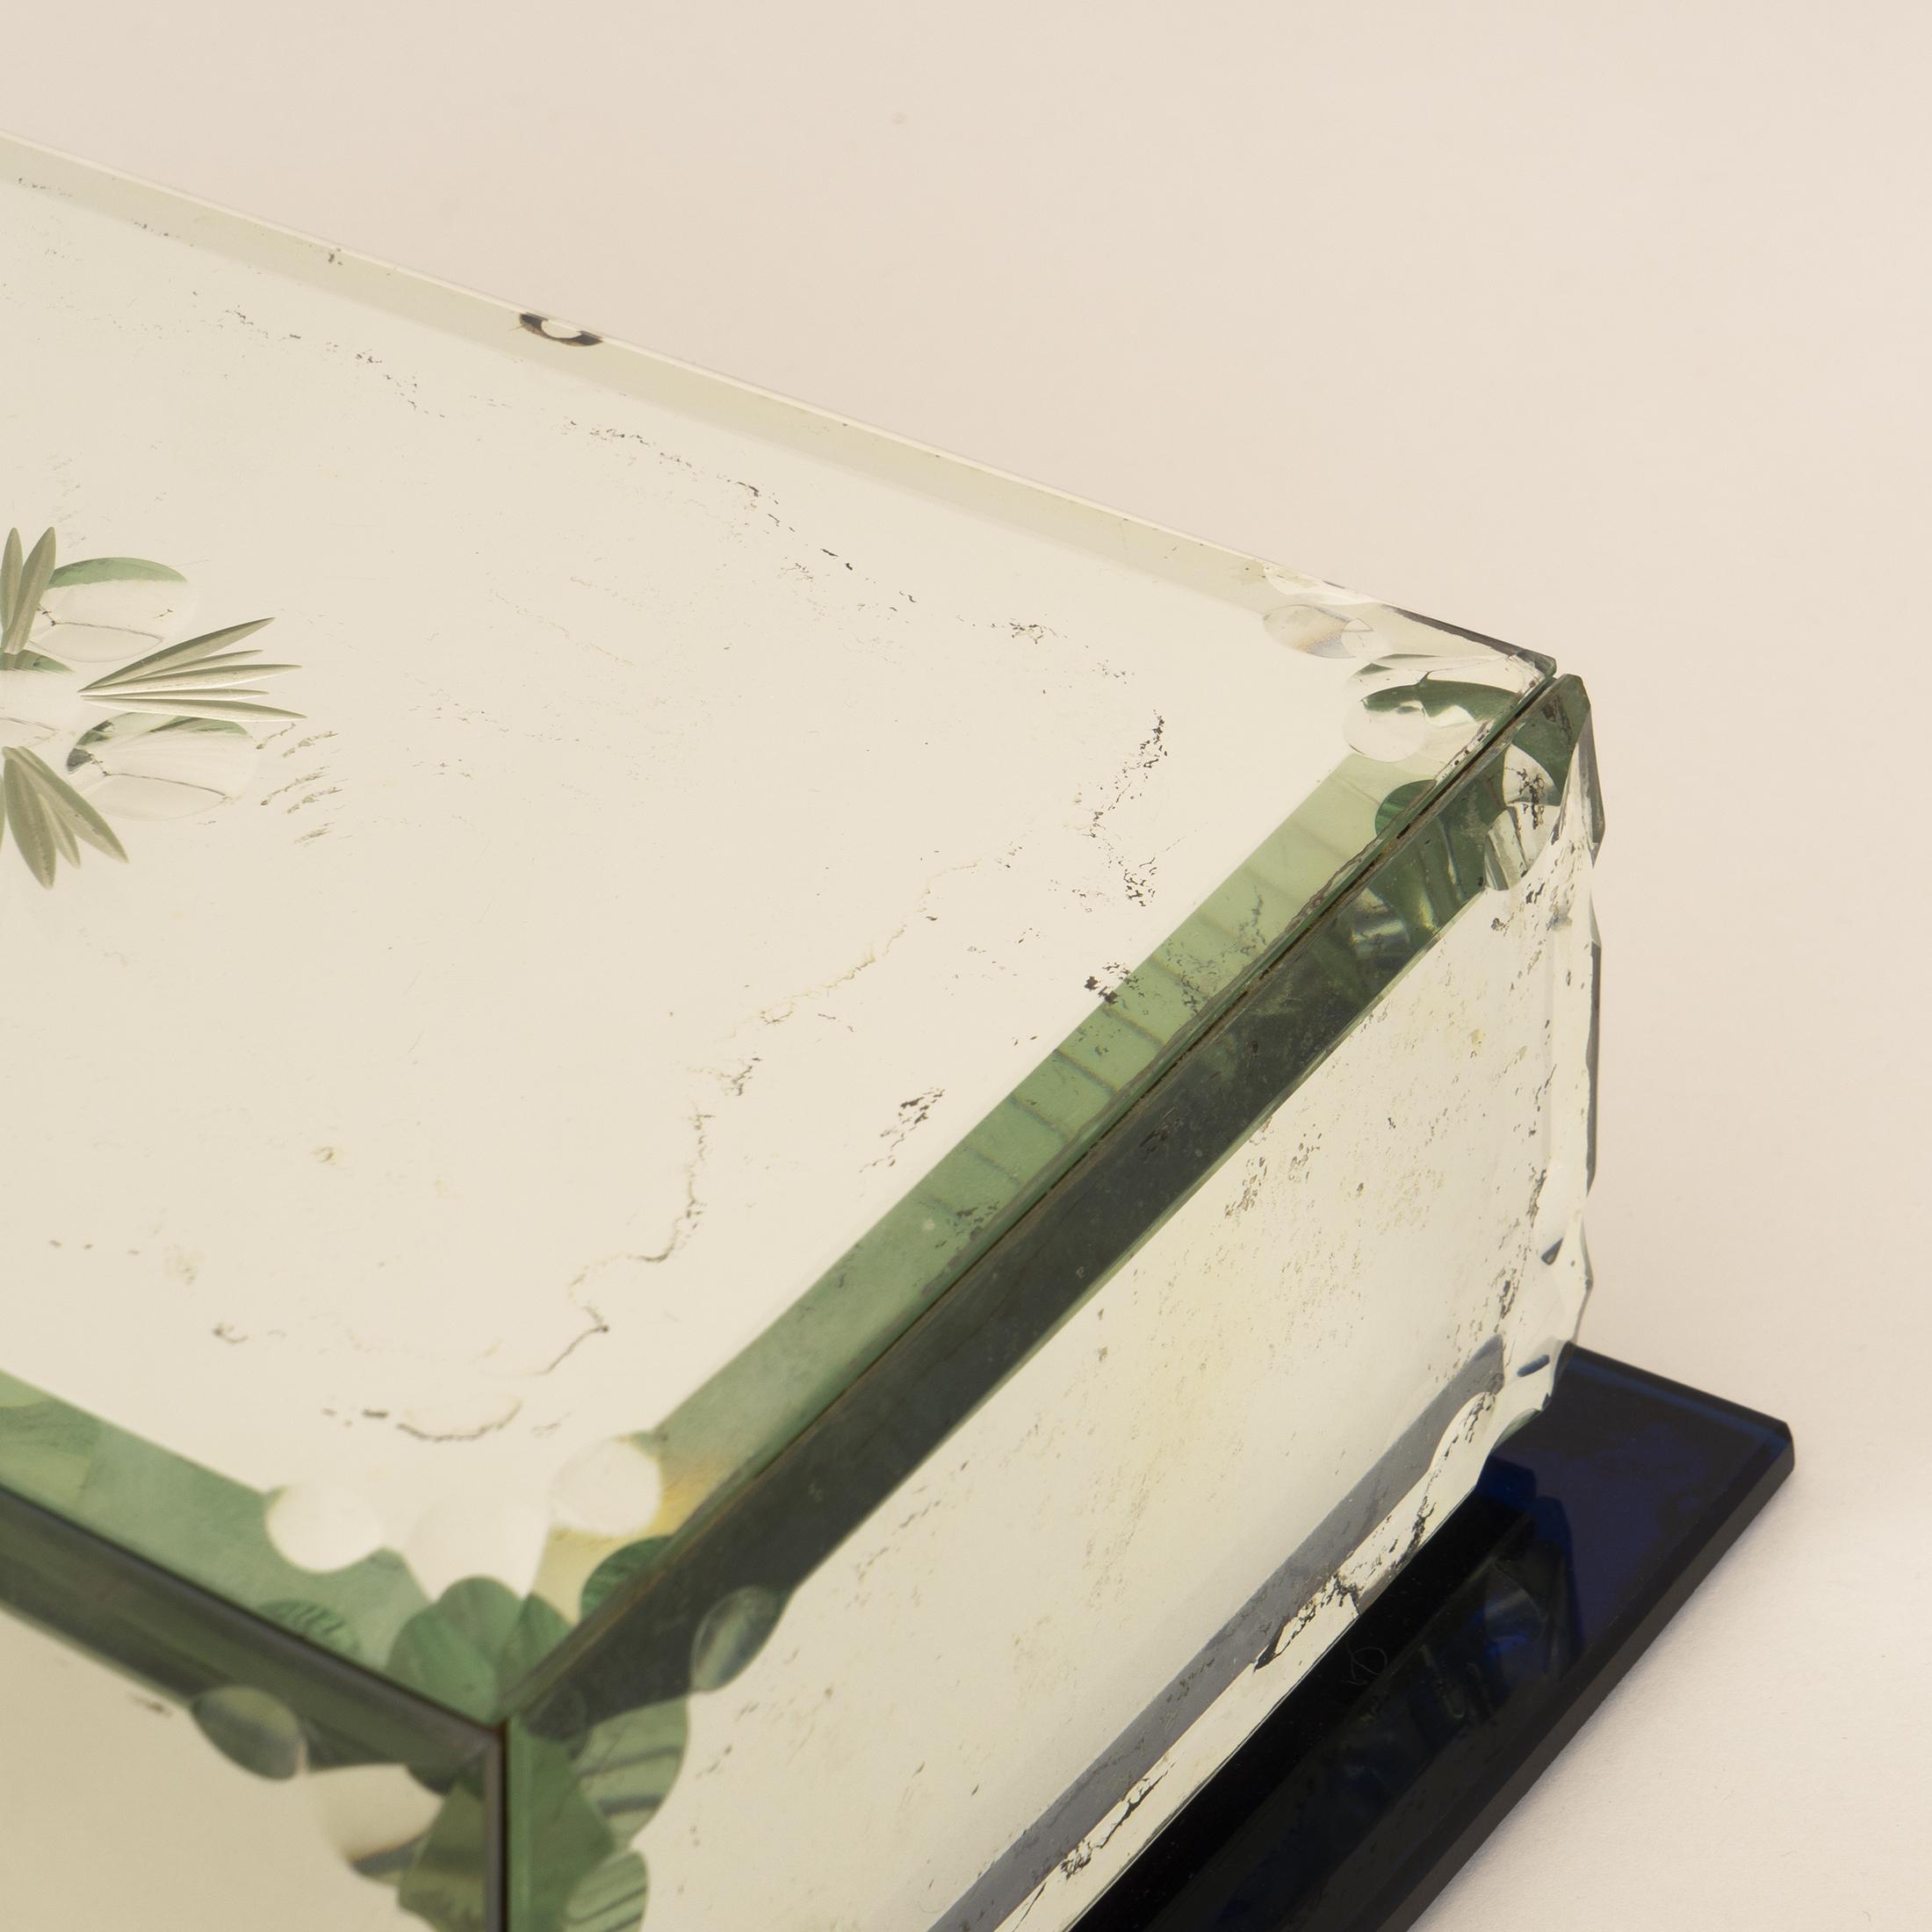 Mirrored Cigarette Box 0299